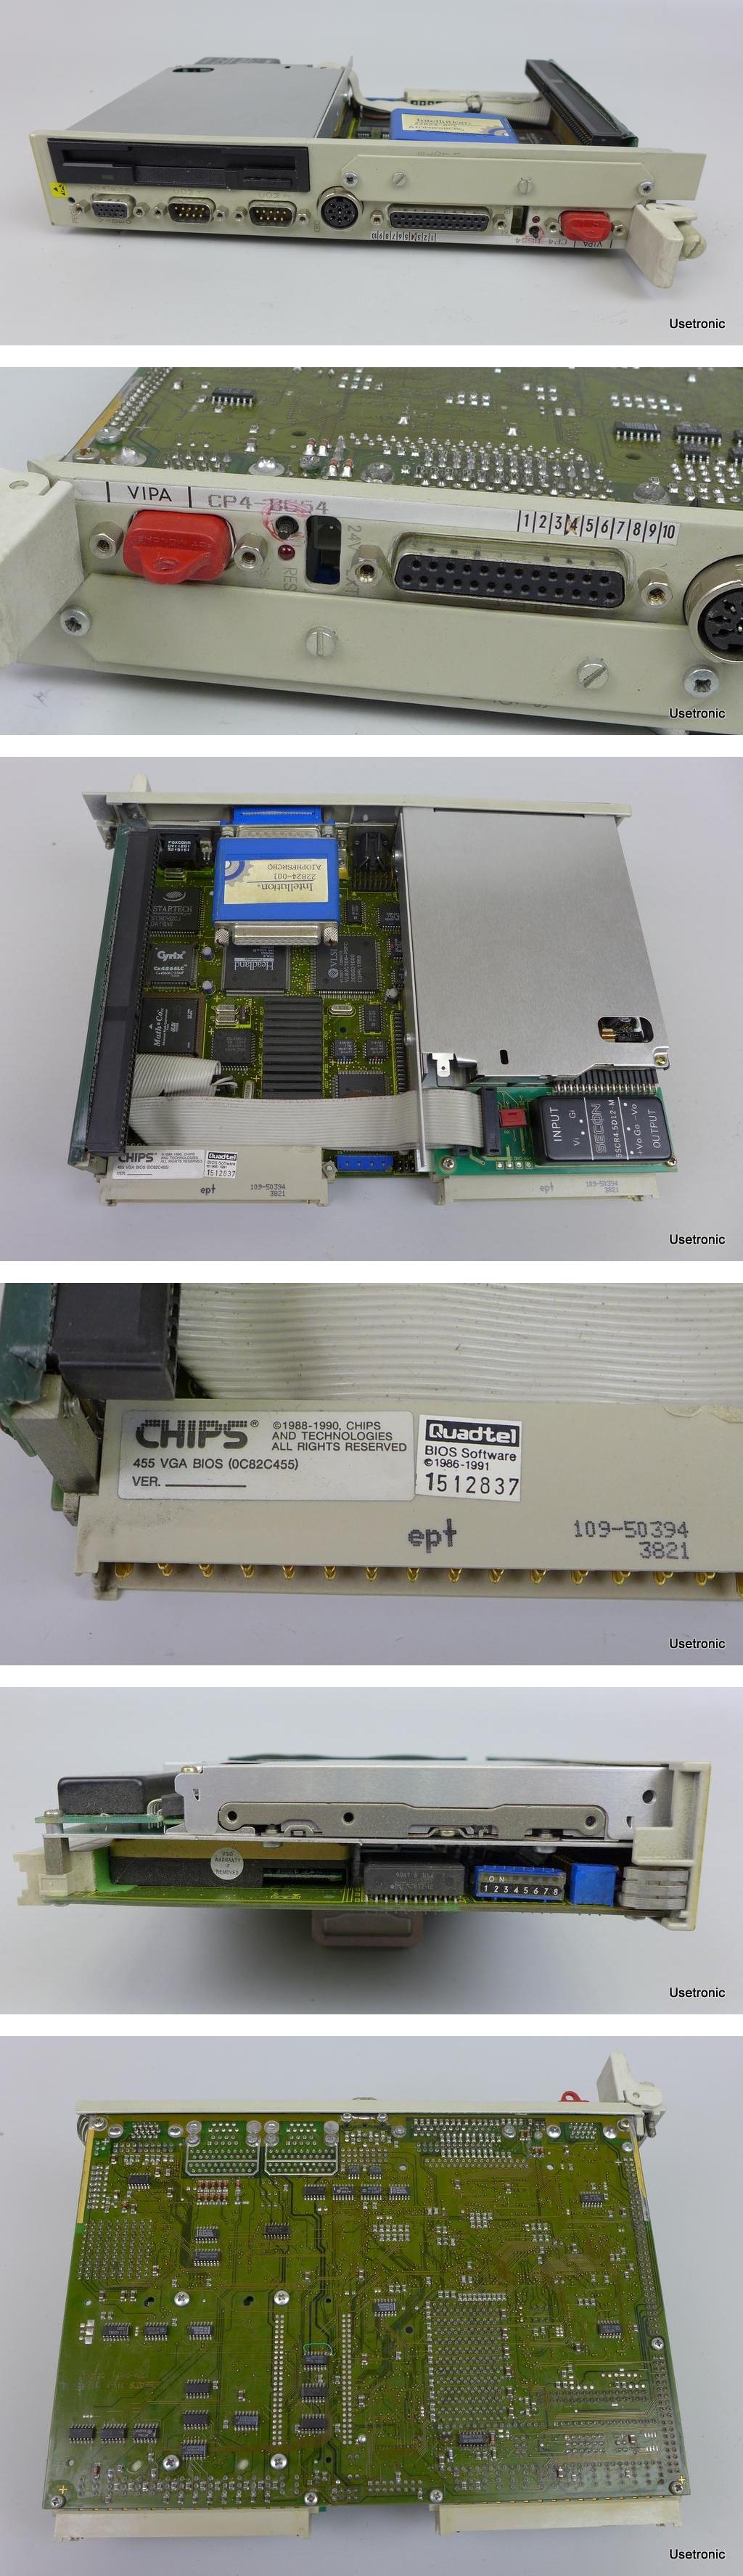 Vipa CP4-BG54